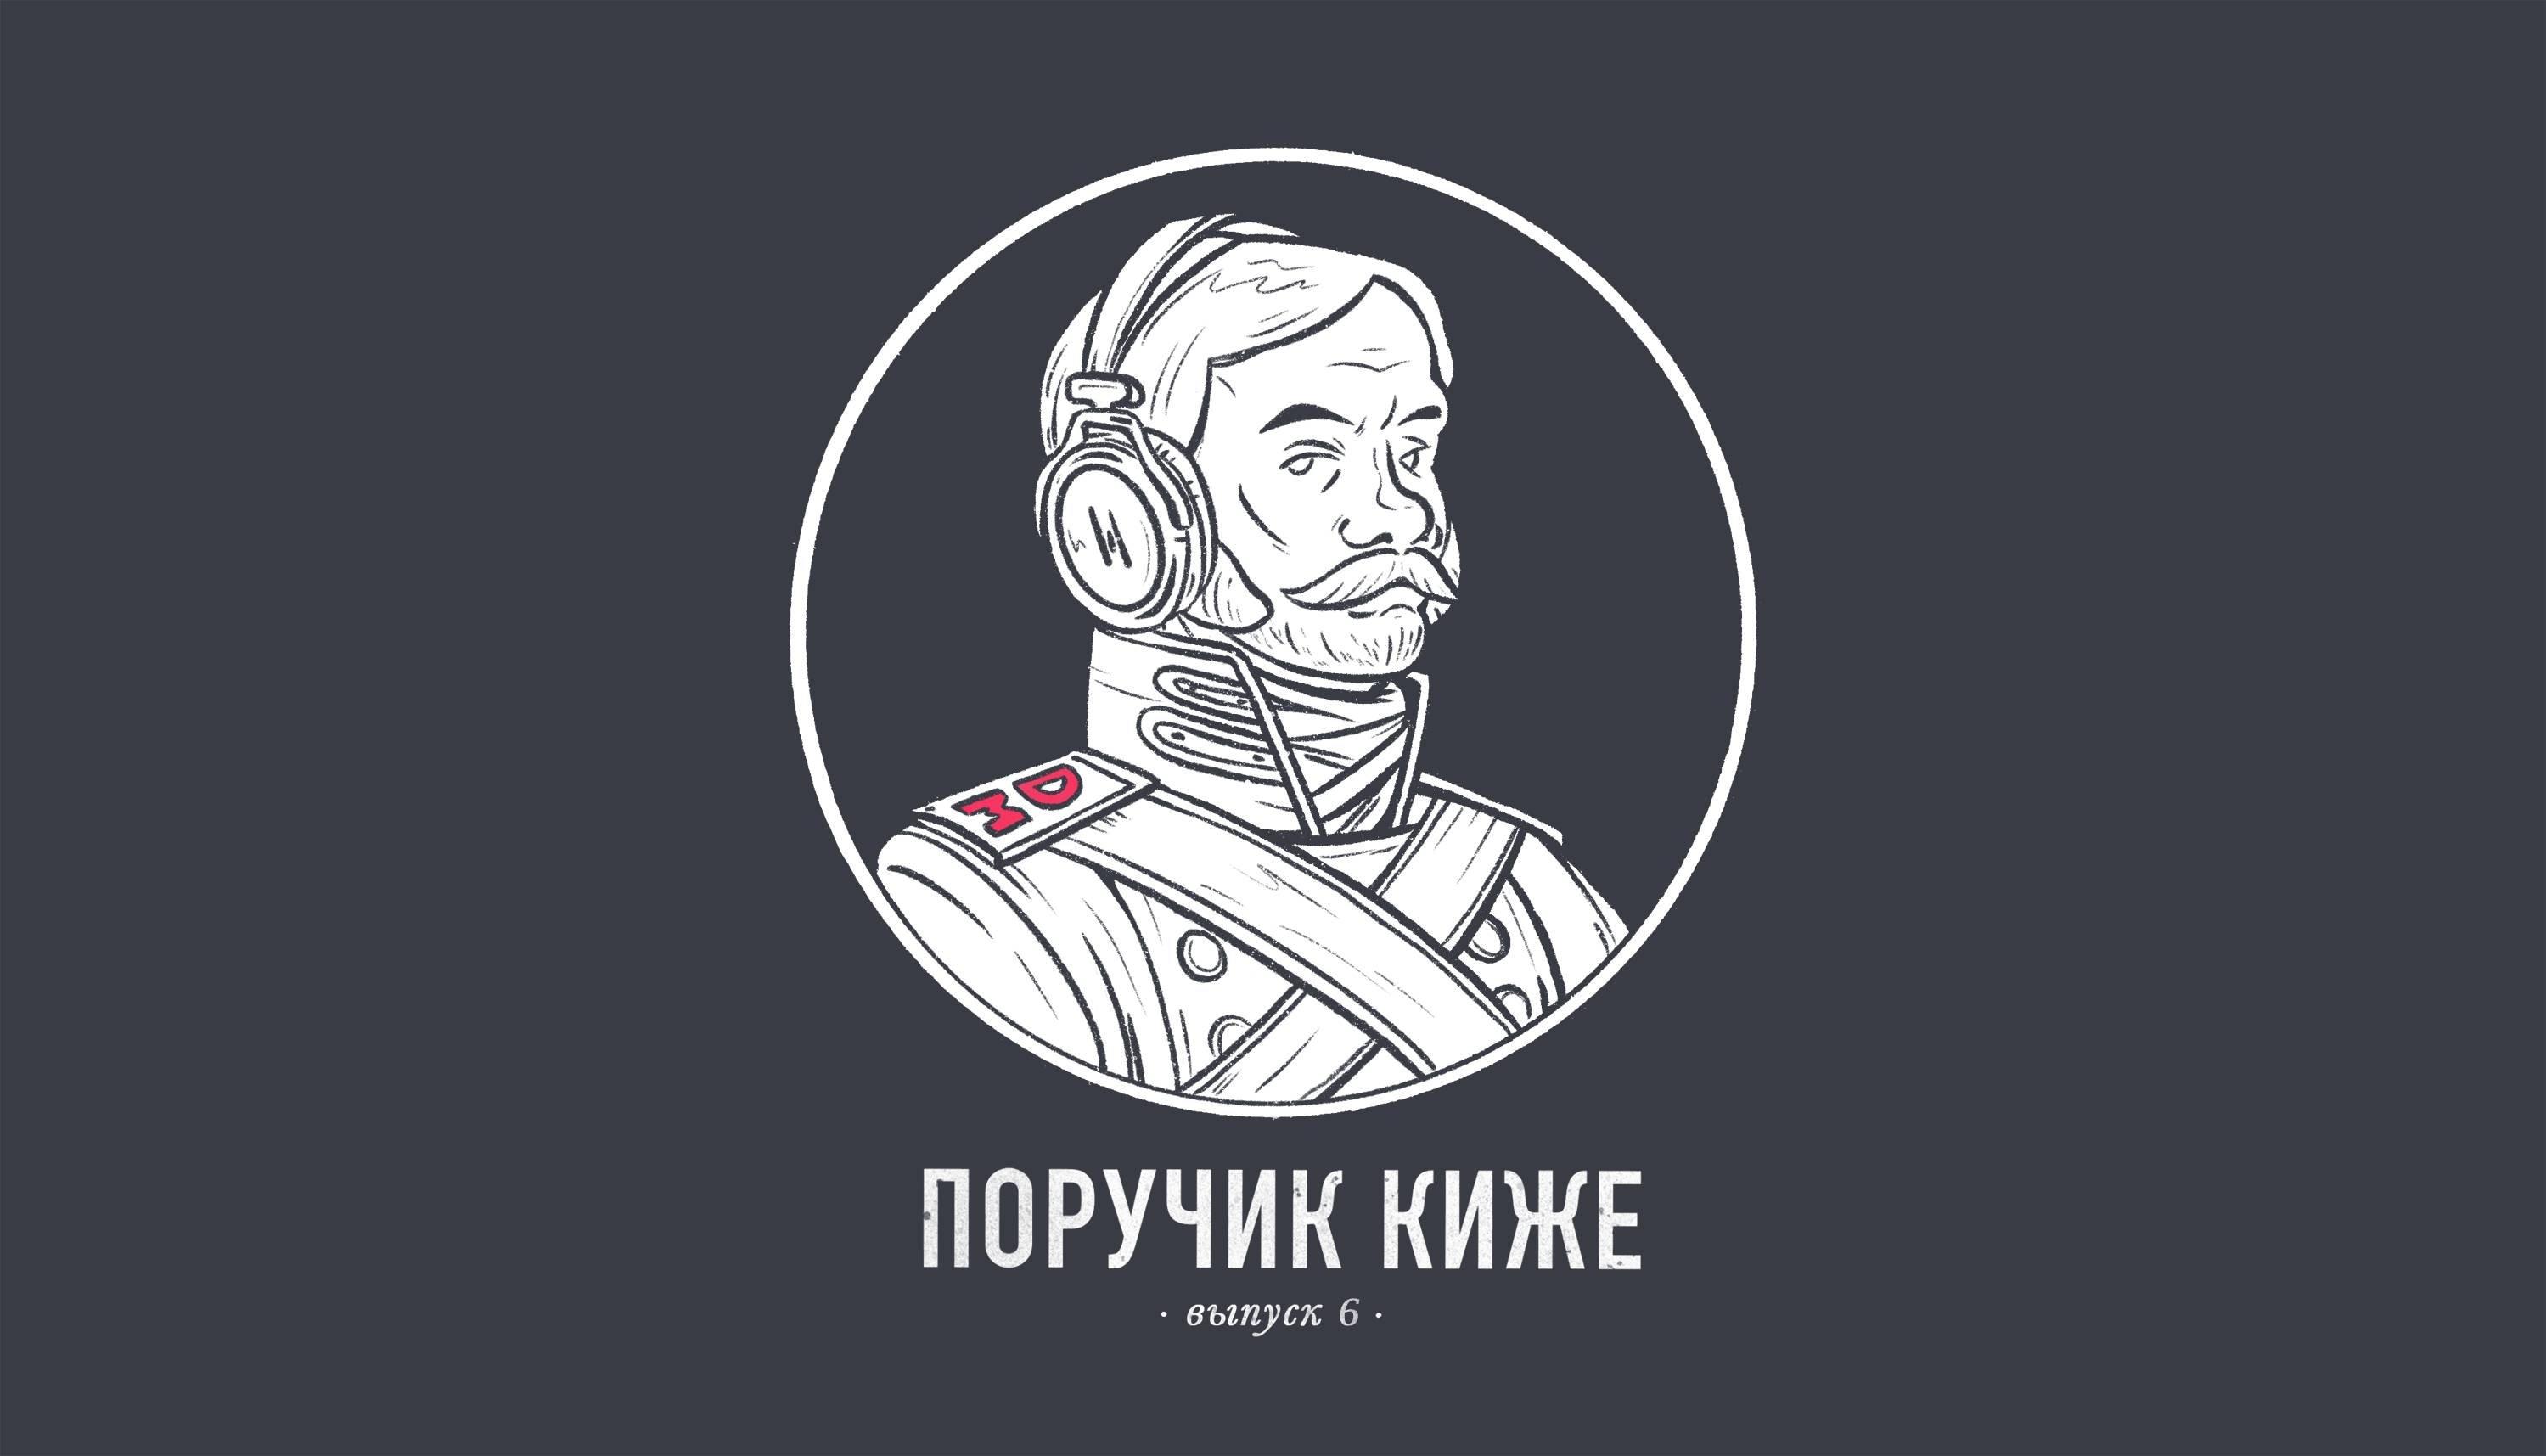 Поручик Киже Исторический подкаст Криминальная Российская империя